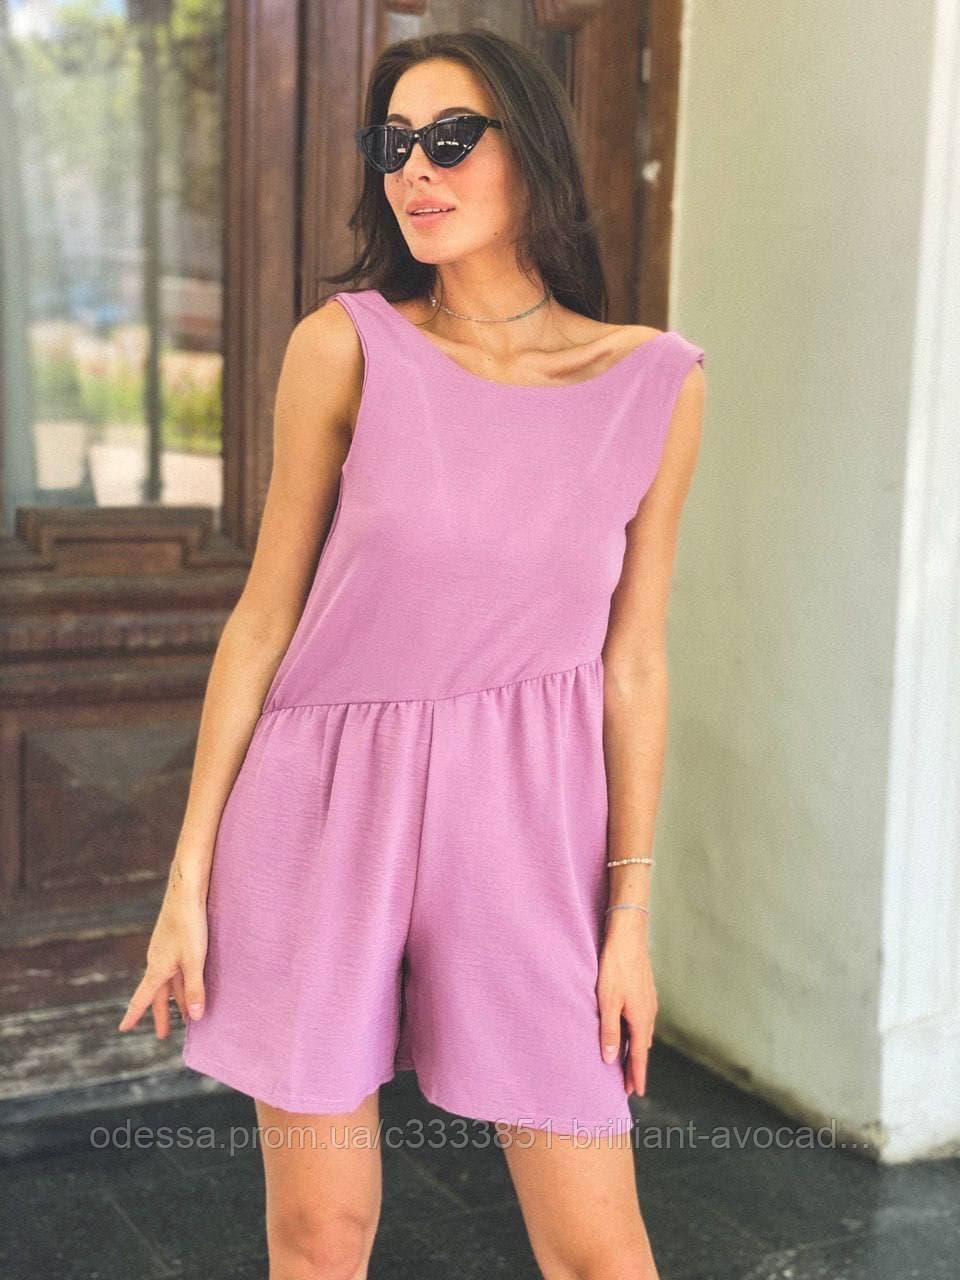 Женский модный летний льняной комбинезон с шортами, с открытой спиной